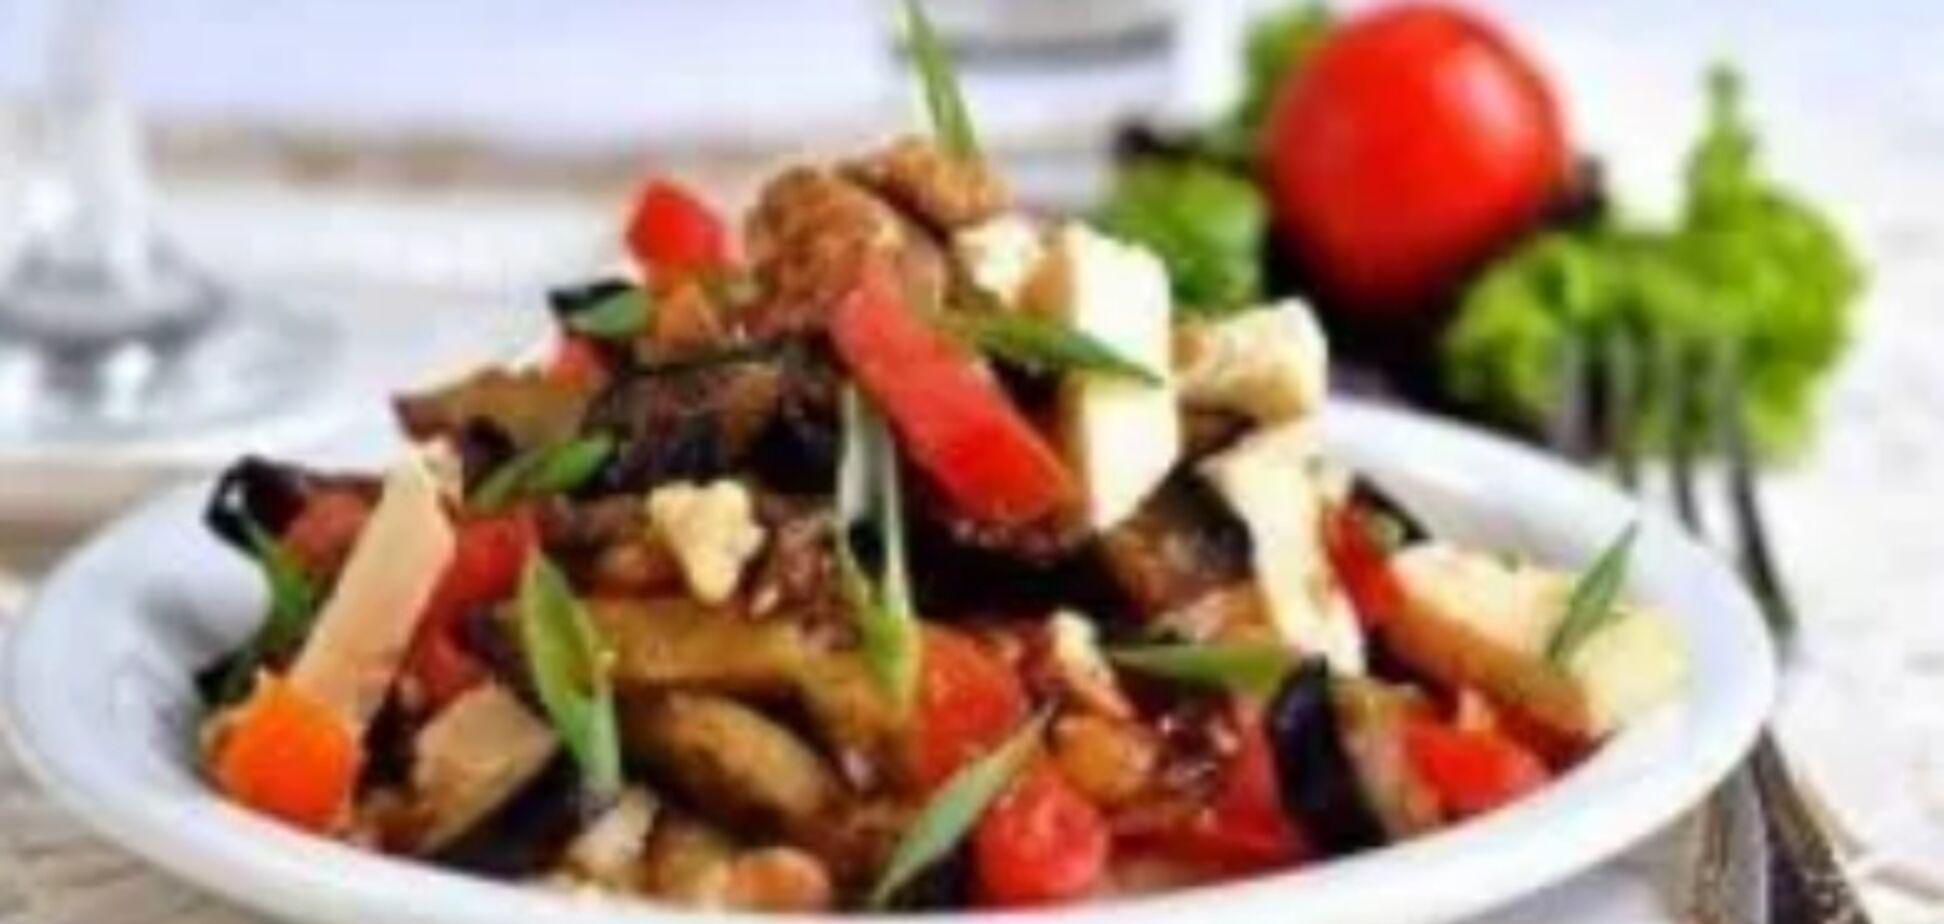 Рецепт вкуснейшего средиземноморского салата с баклажанами